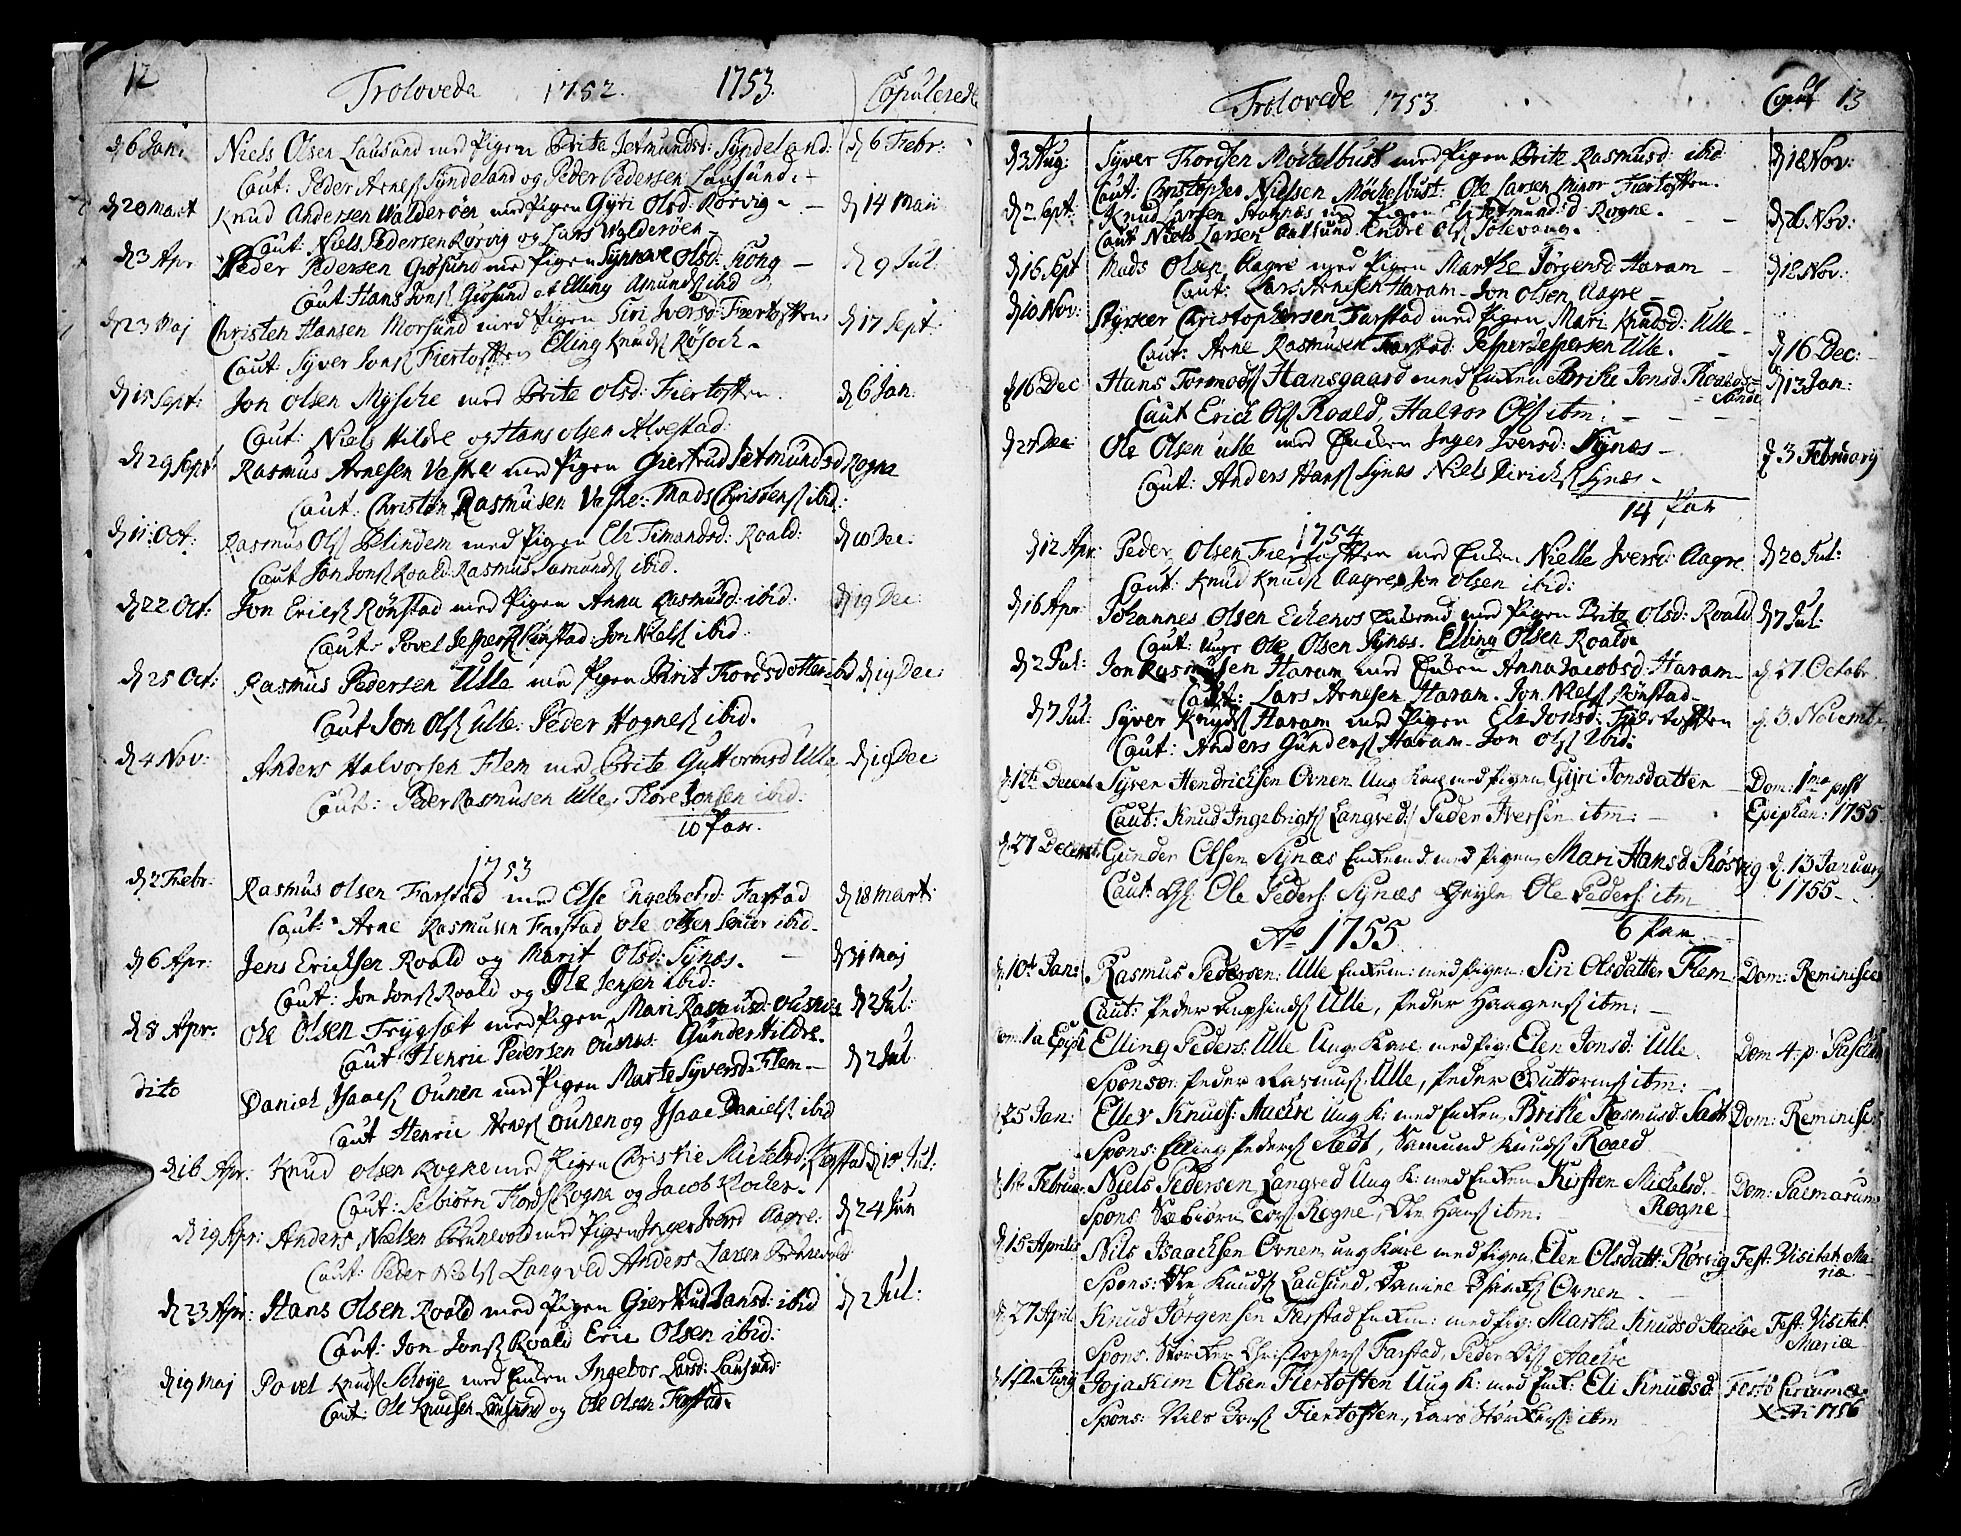 SAT, Ministerialprotokoller, klokkerbøker og fødselsregistre - Møre og Romsdal, 536/L0493: Ministerialbok nr. 536A02, 1739-1802, s. 12-13